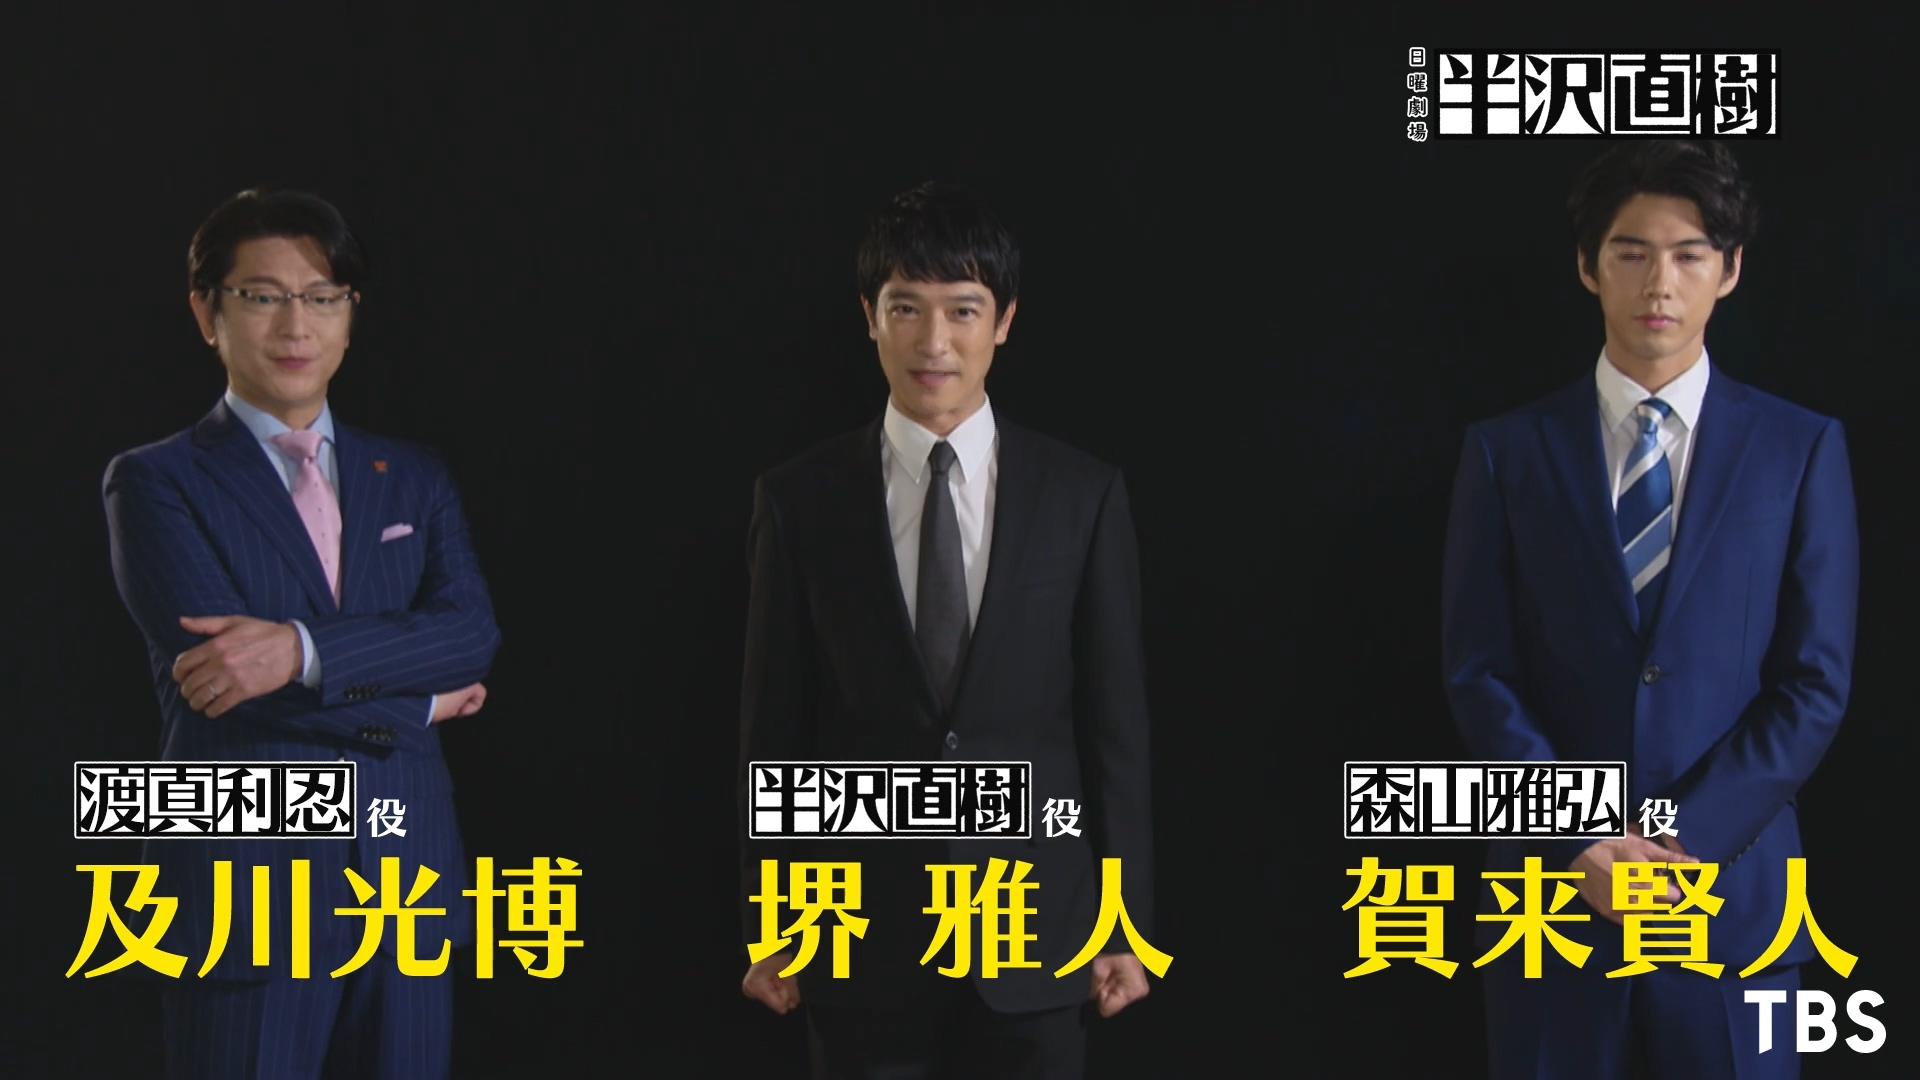 《半泽直树》第二季将于7月19日开播 堺雅人的信息公开